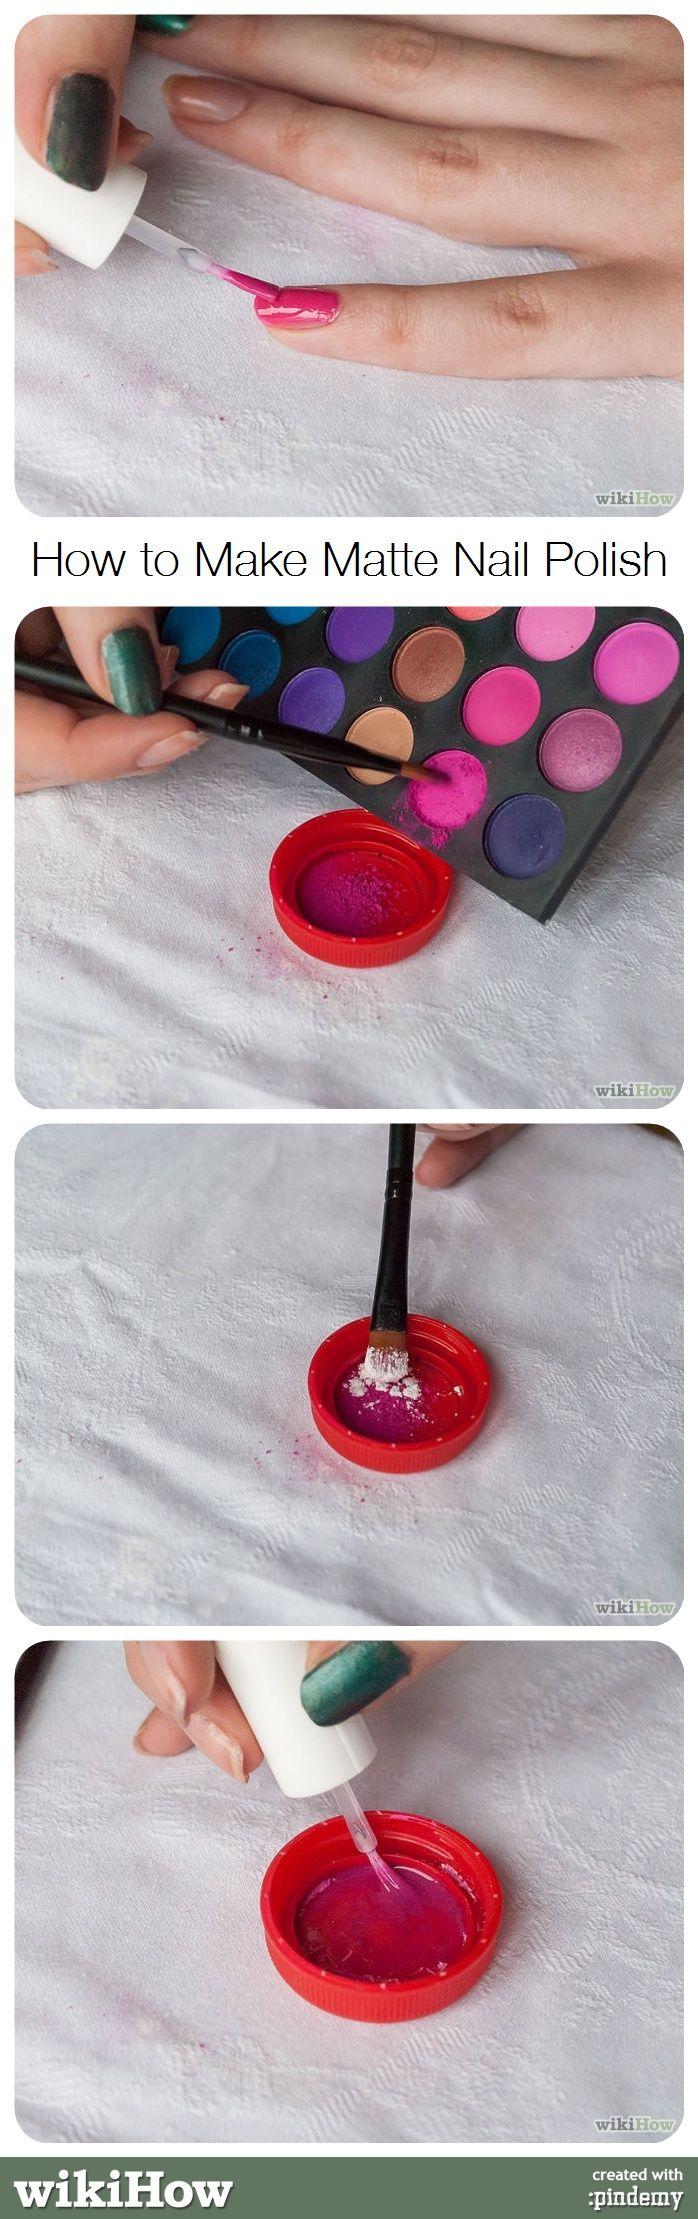 Make Matte Nail Polish   Pinterest   Matte nail polish, Matte nails ...